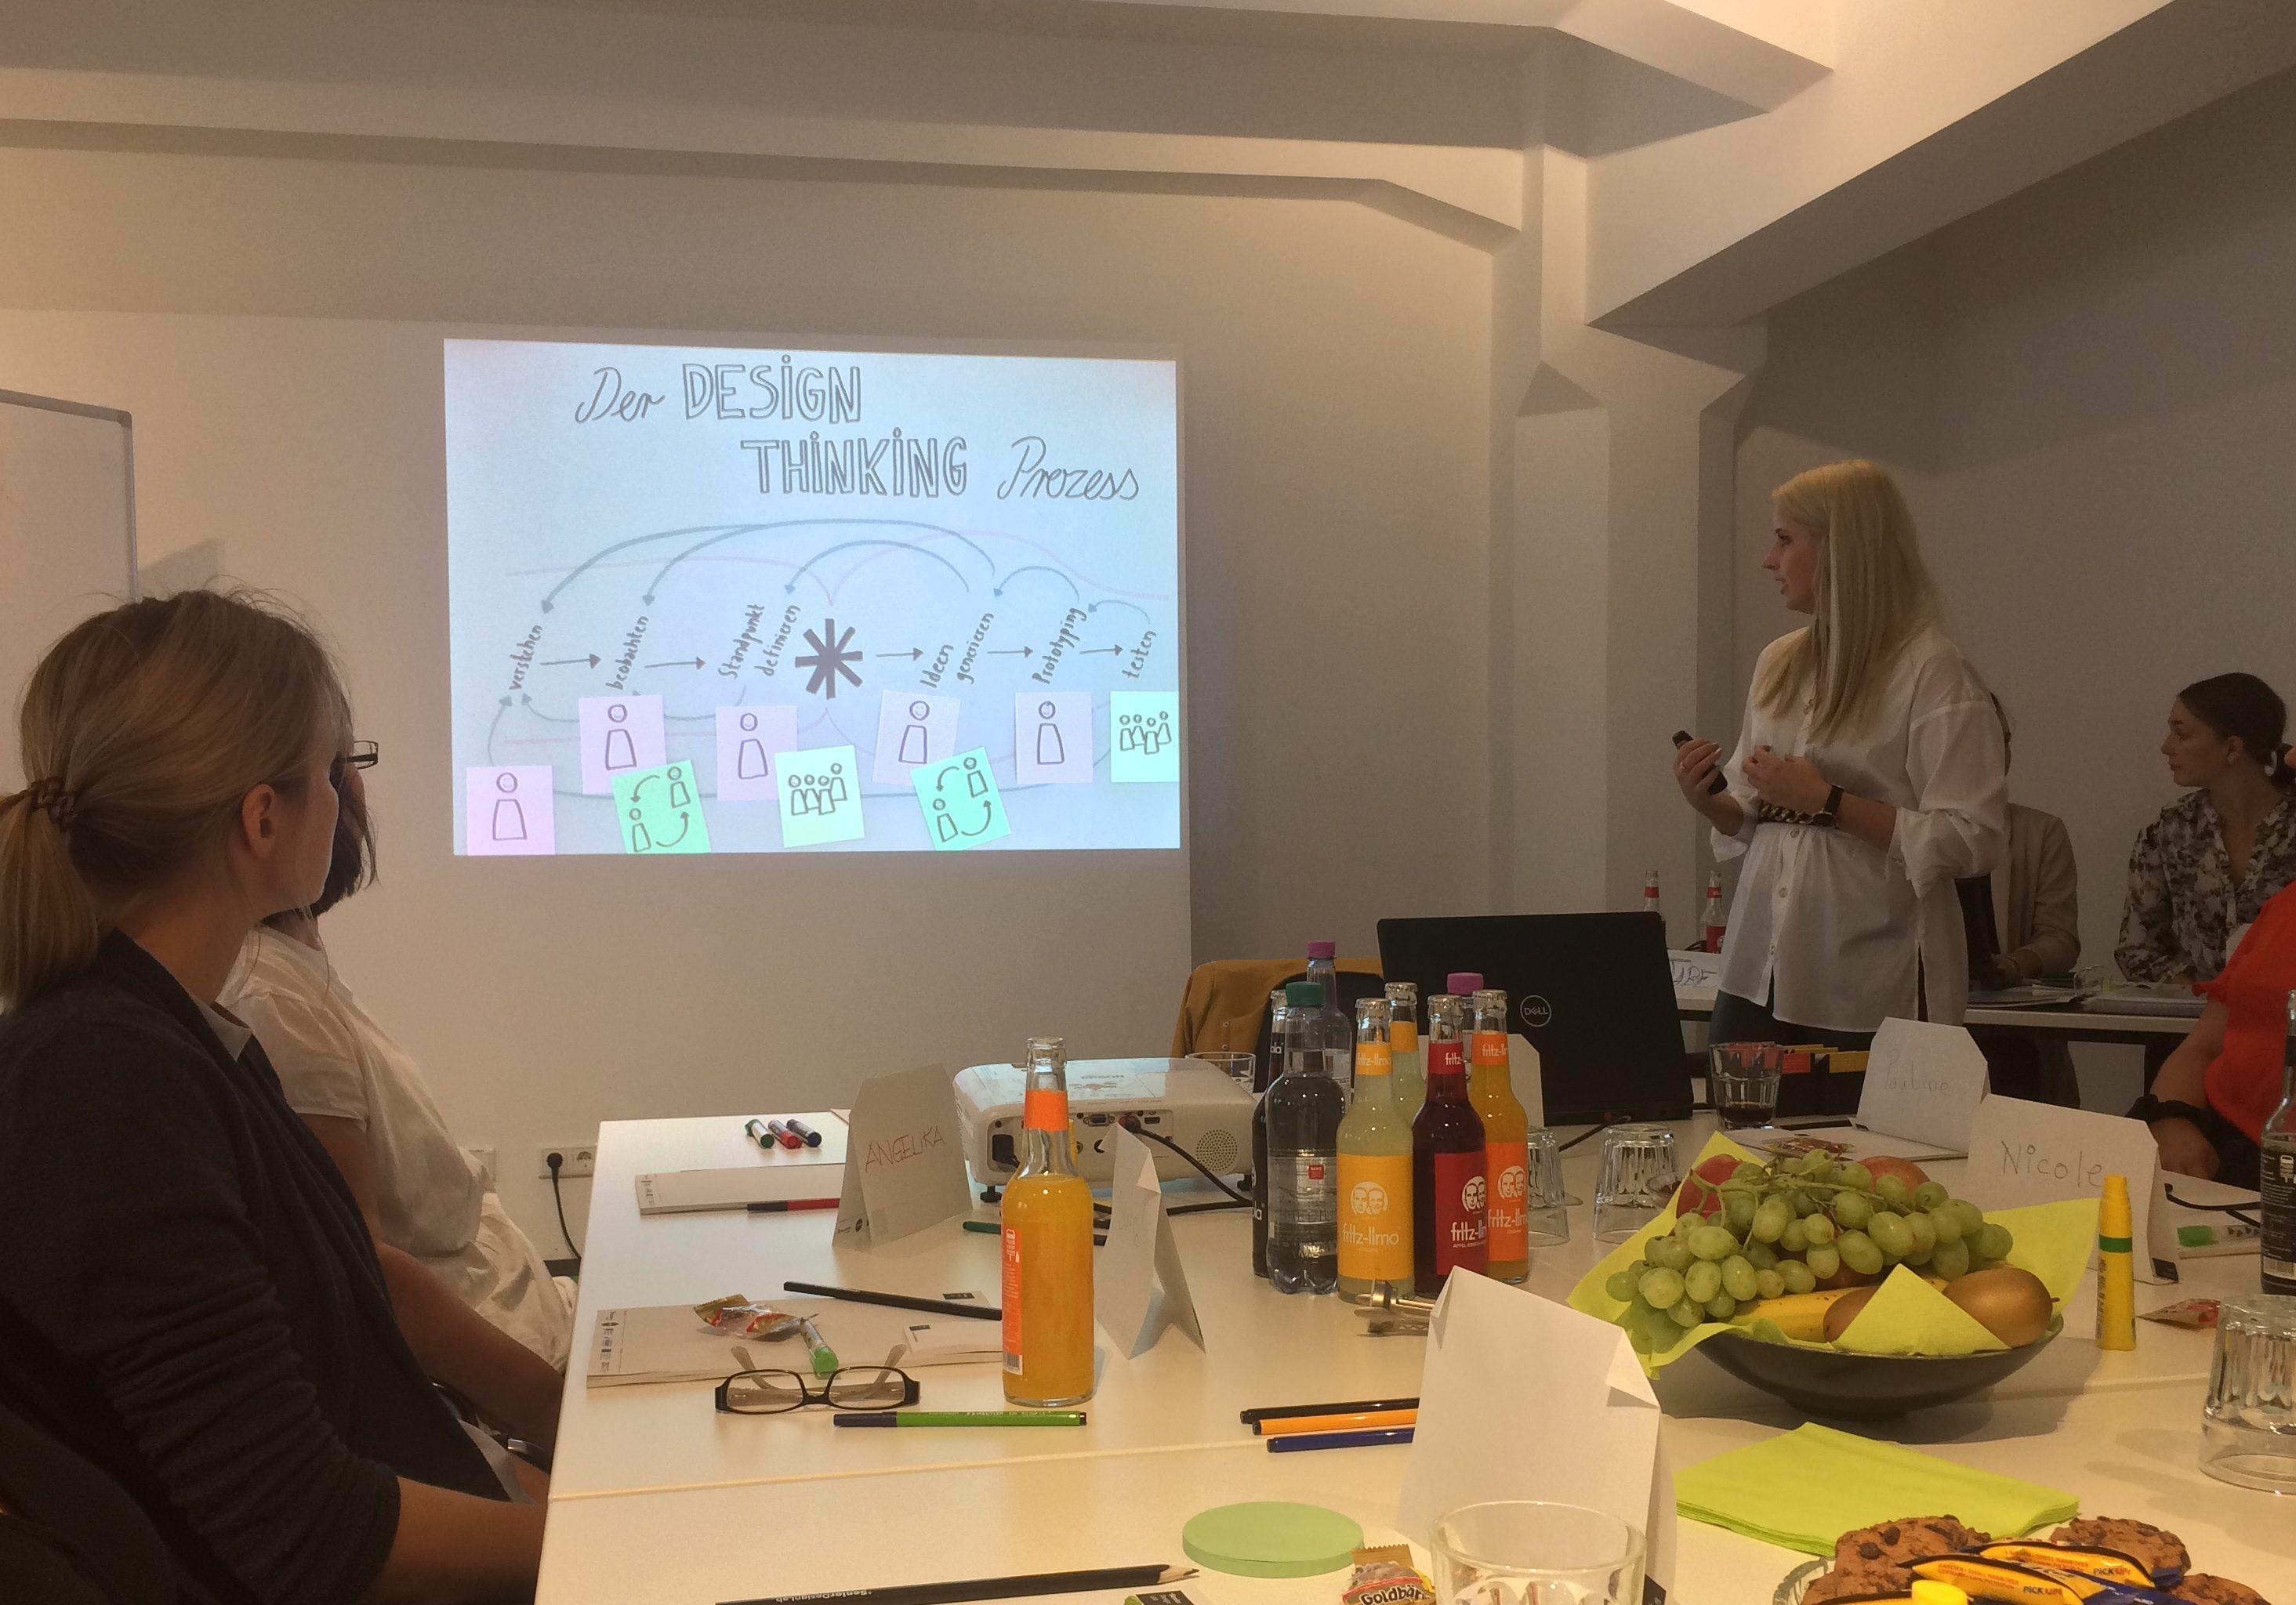 Workshopbeginn: Wie sieht unser Design-Thinking-Prozess aus?